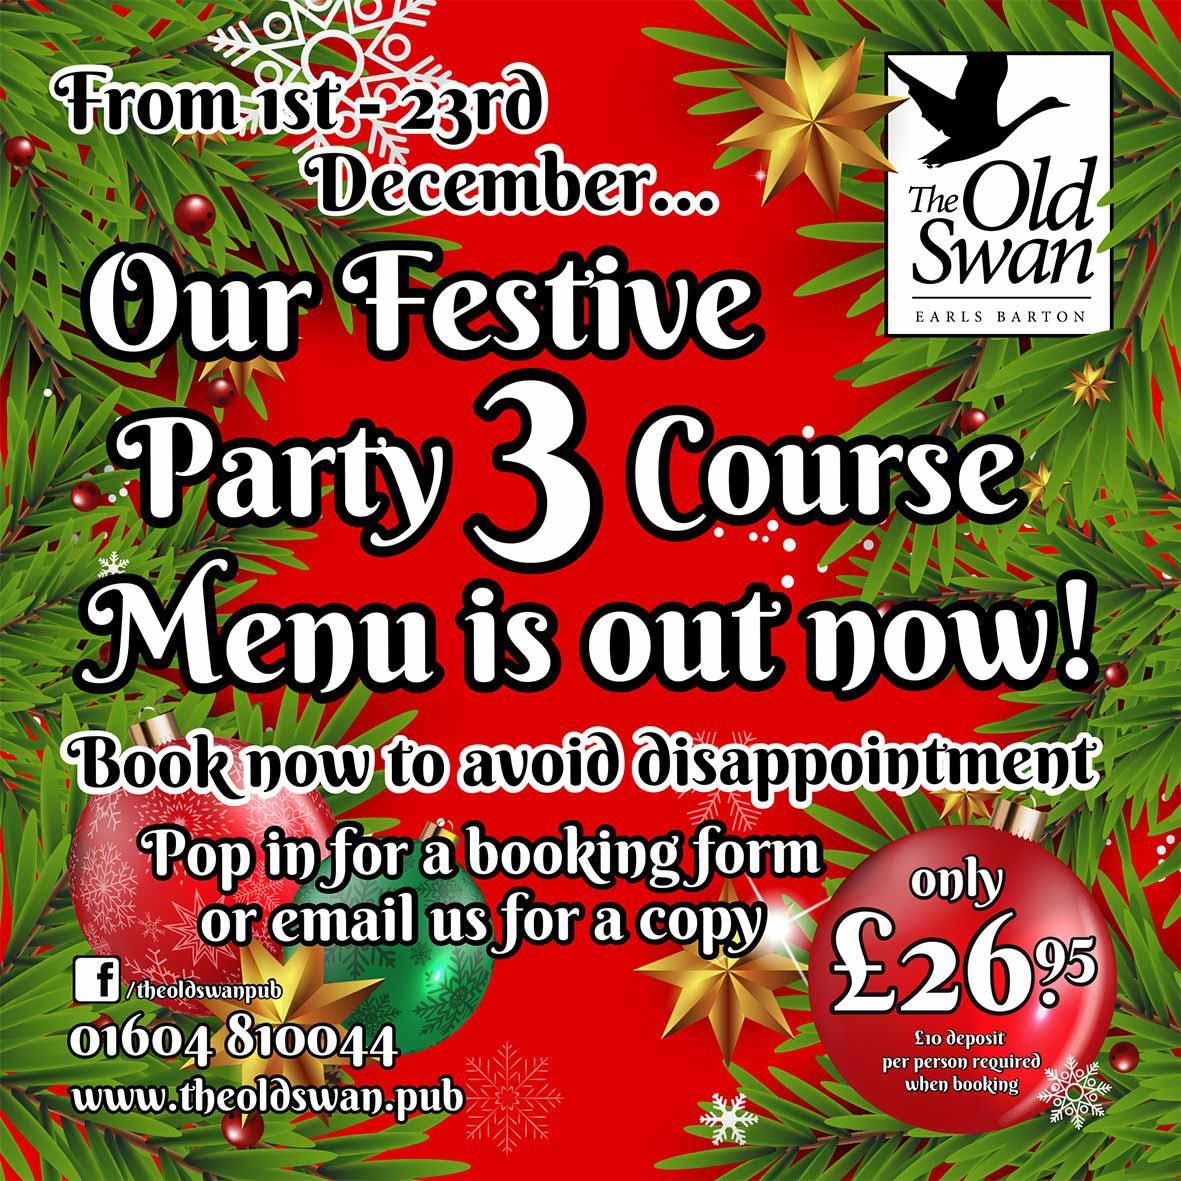 Festive Party 3 course Menu